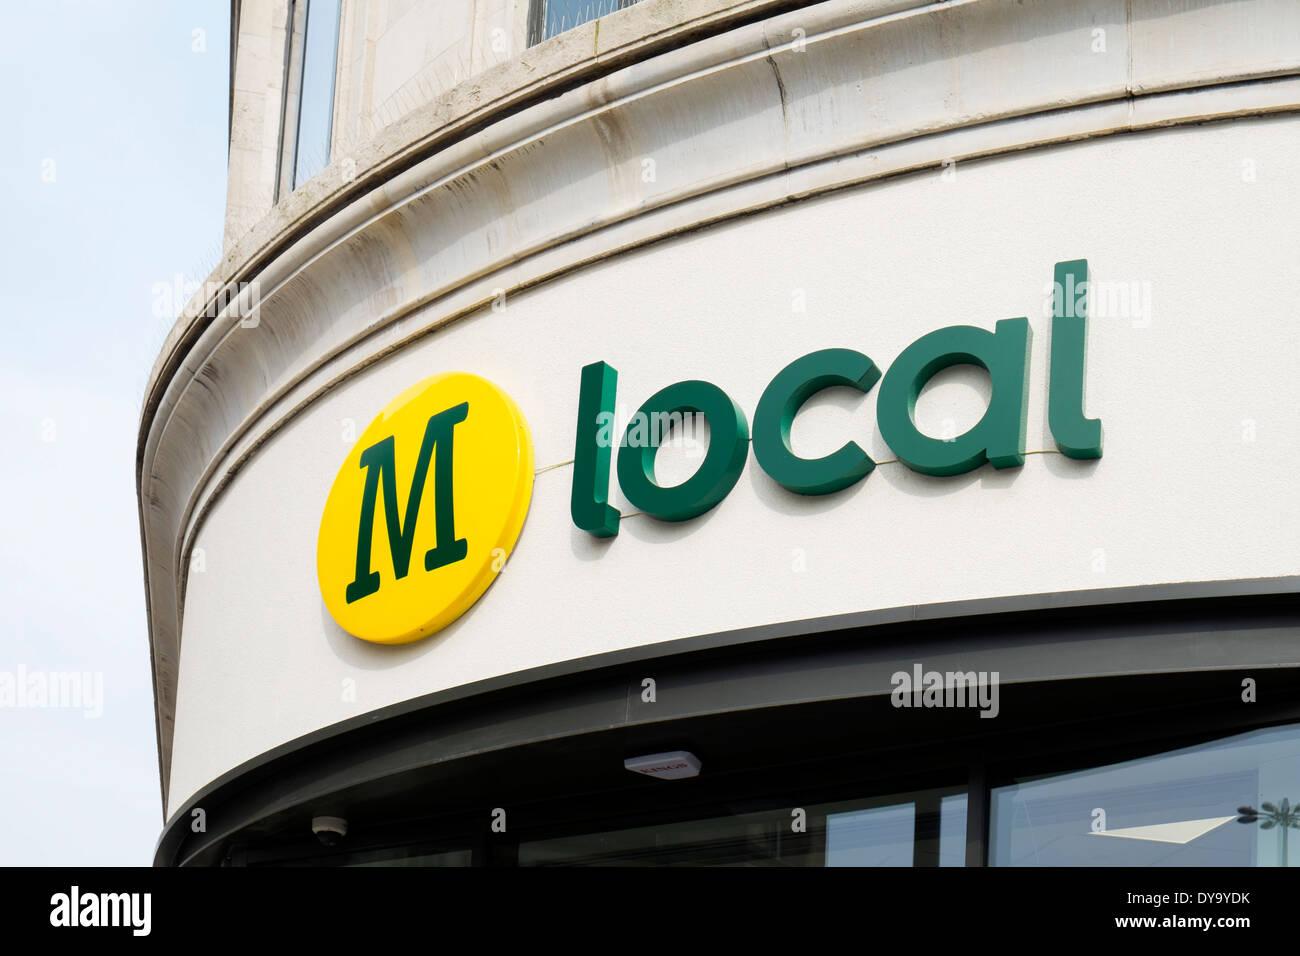 Morrisons Almacén local en el centro de la ciudad de Manchester, Inglaterra, Reino Unido. Imagen De Stock